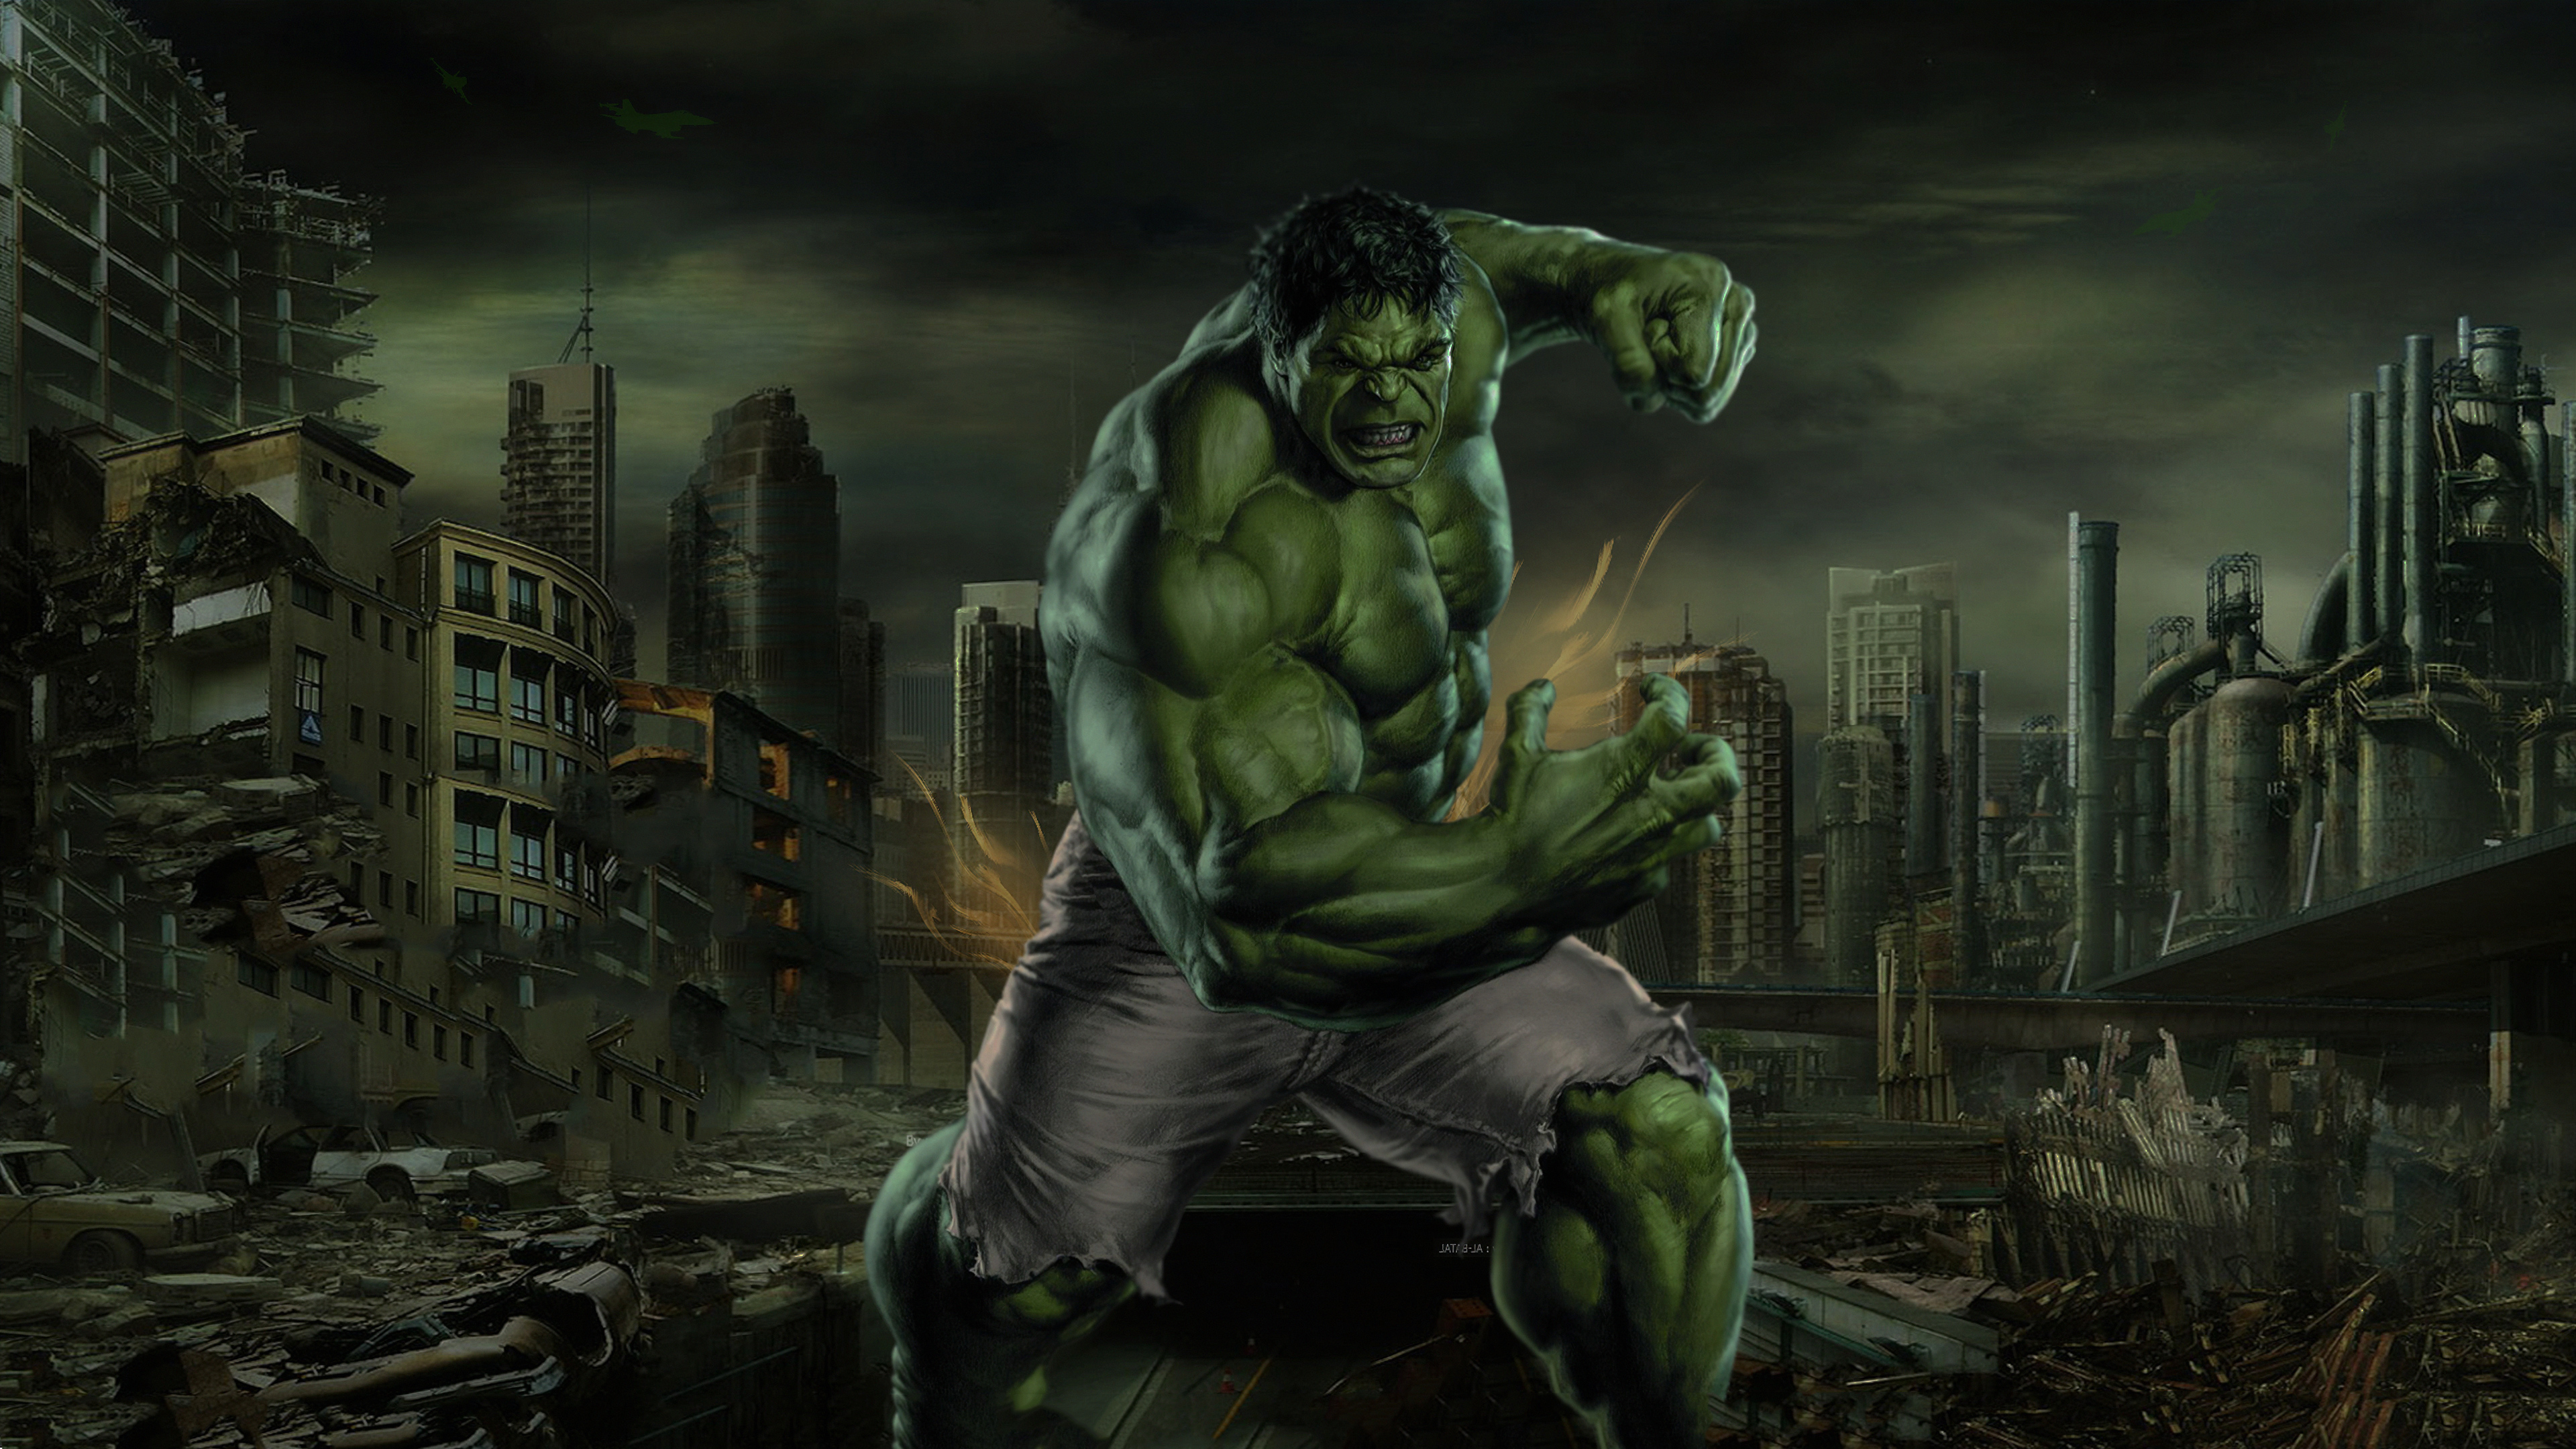 Hulk 4k Ultra Hd Wallpaper Hintergrund 3840x2160 Id 1031133